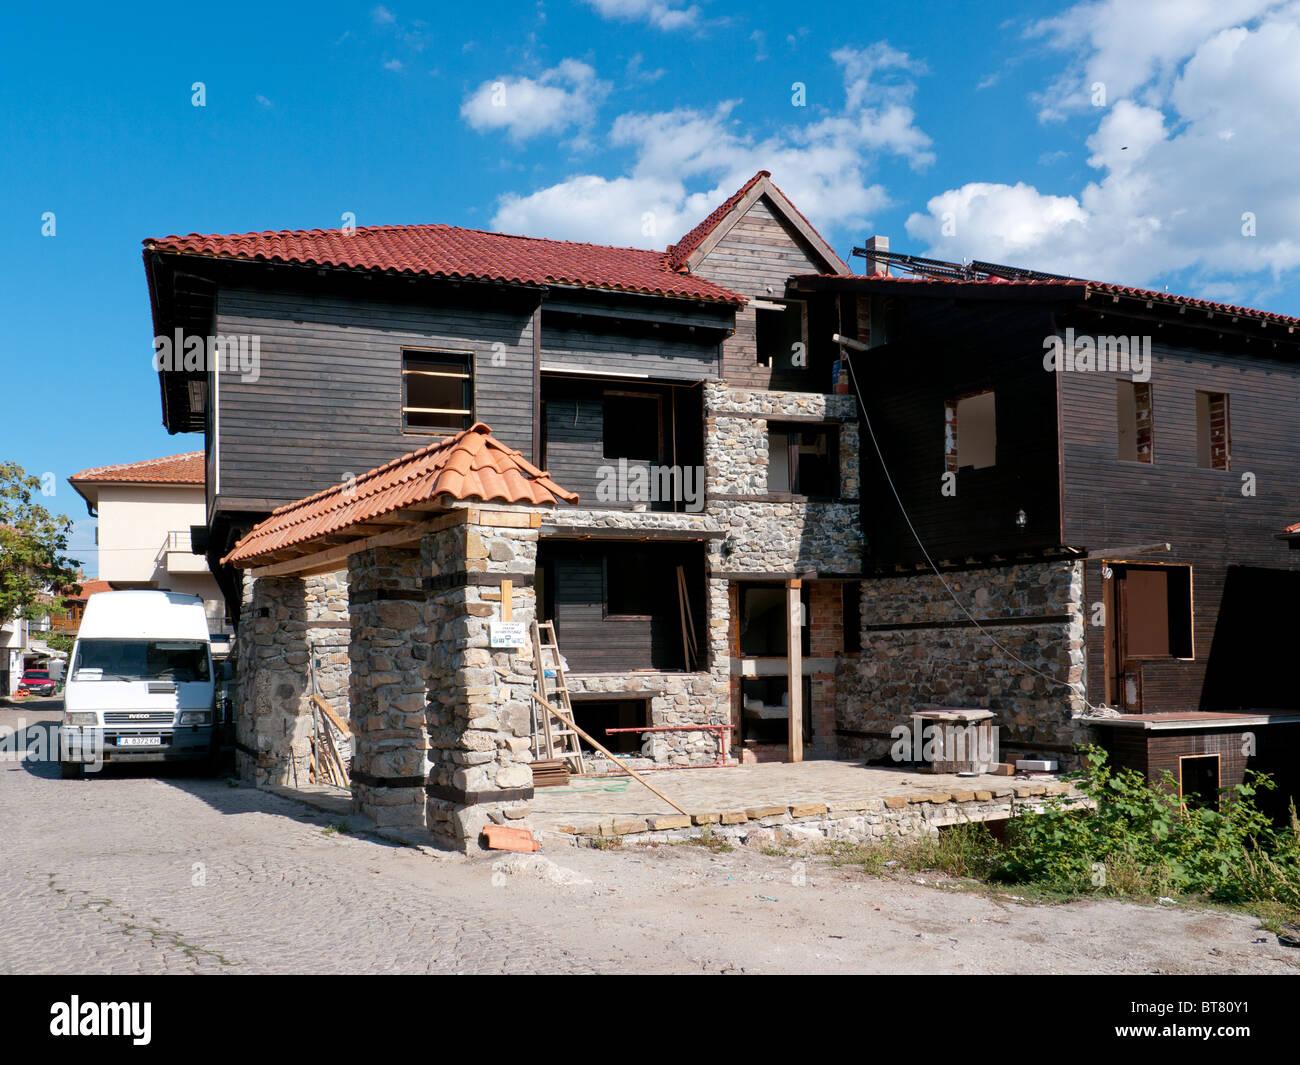 Traditionelles Haus Mit Stein Basis Und Hölzernen Obergeschoss, Nessebar,  Bulgarien.